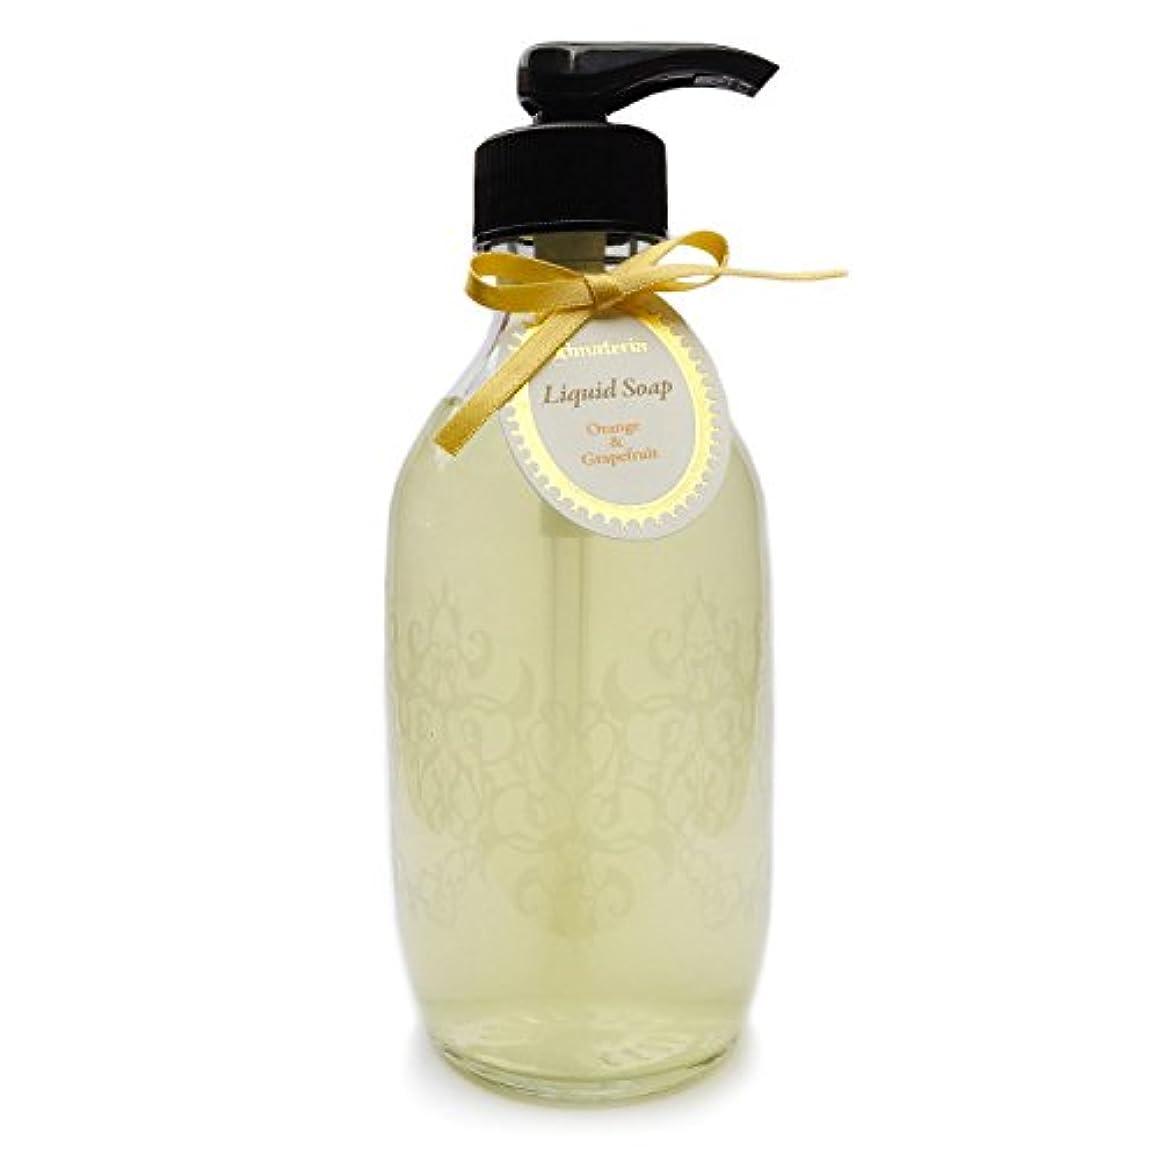 ワックス報告書モザイクD materia リキッドソープ オレンジ&グレープフルーツ Orange&Grapefruit Liquid Soap ディーマテリア